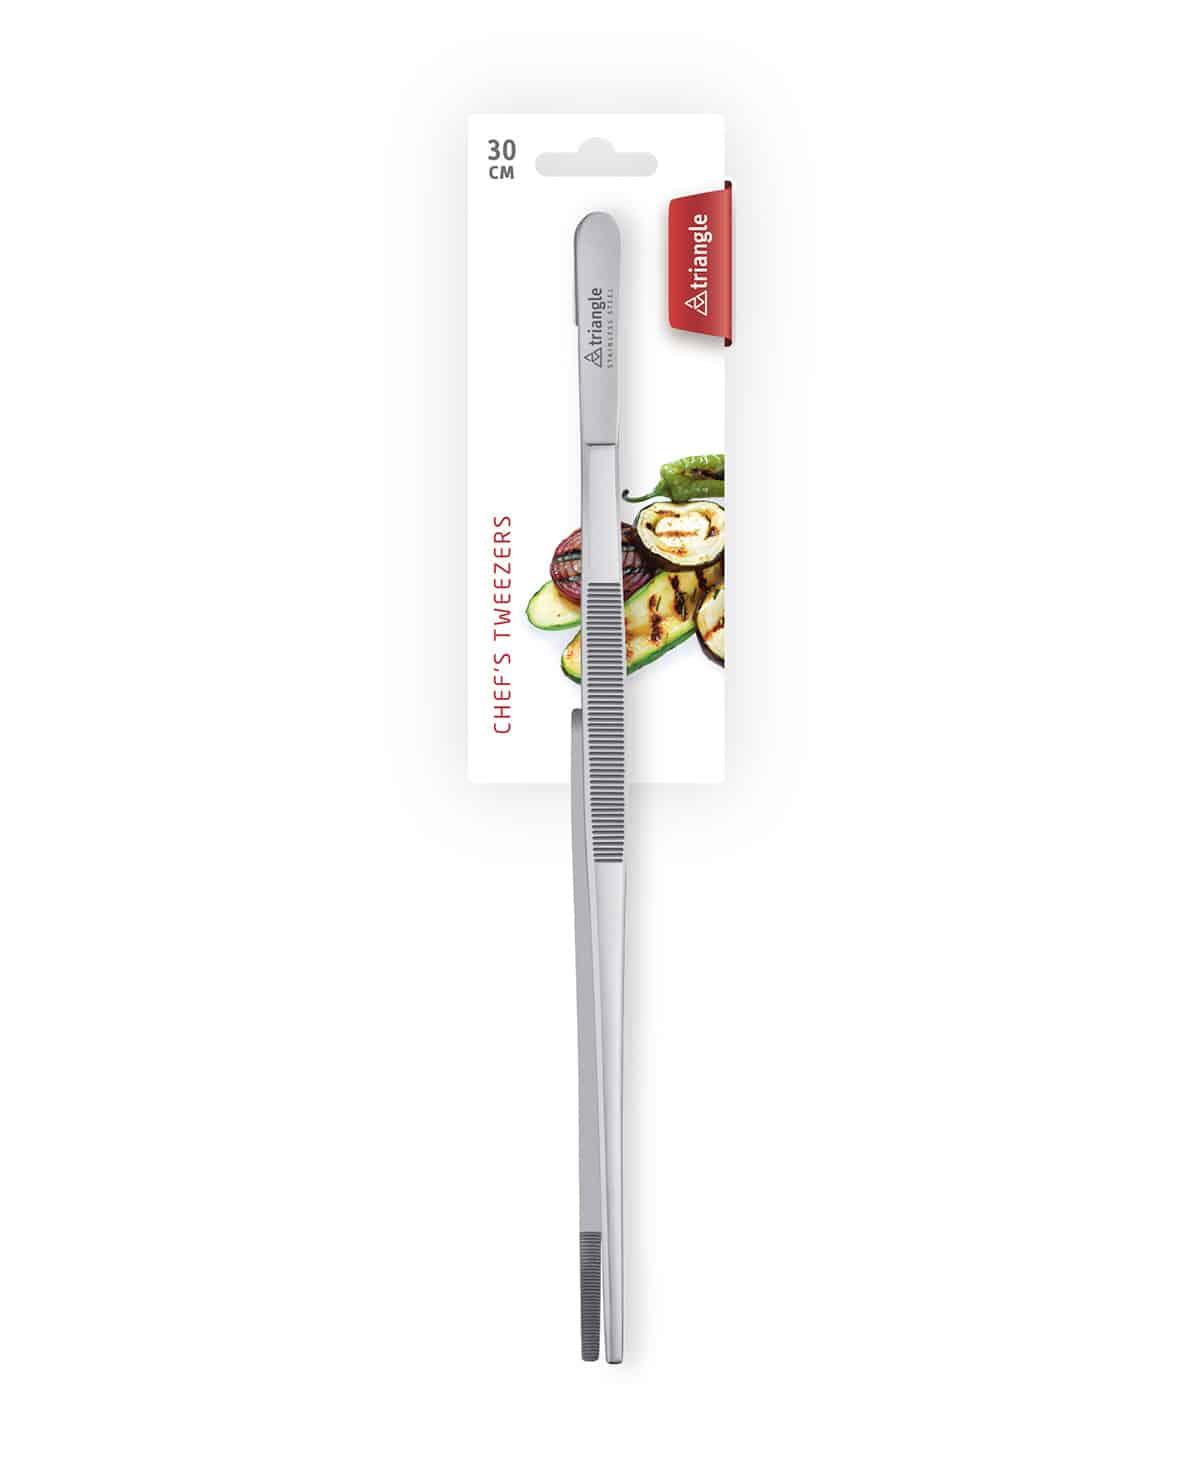 triangle Küchenpinzette 30cm gerade Kochpinzette Pinzette Edelstahl Kochen Chefpinzette Anrichten Grillpinzette